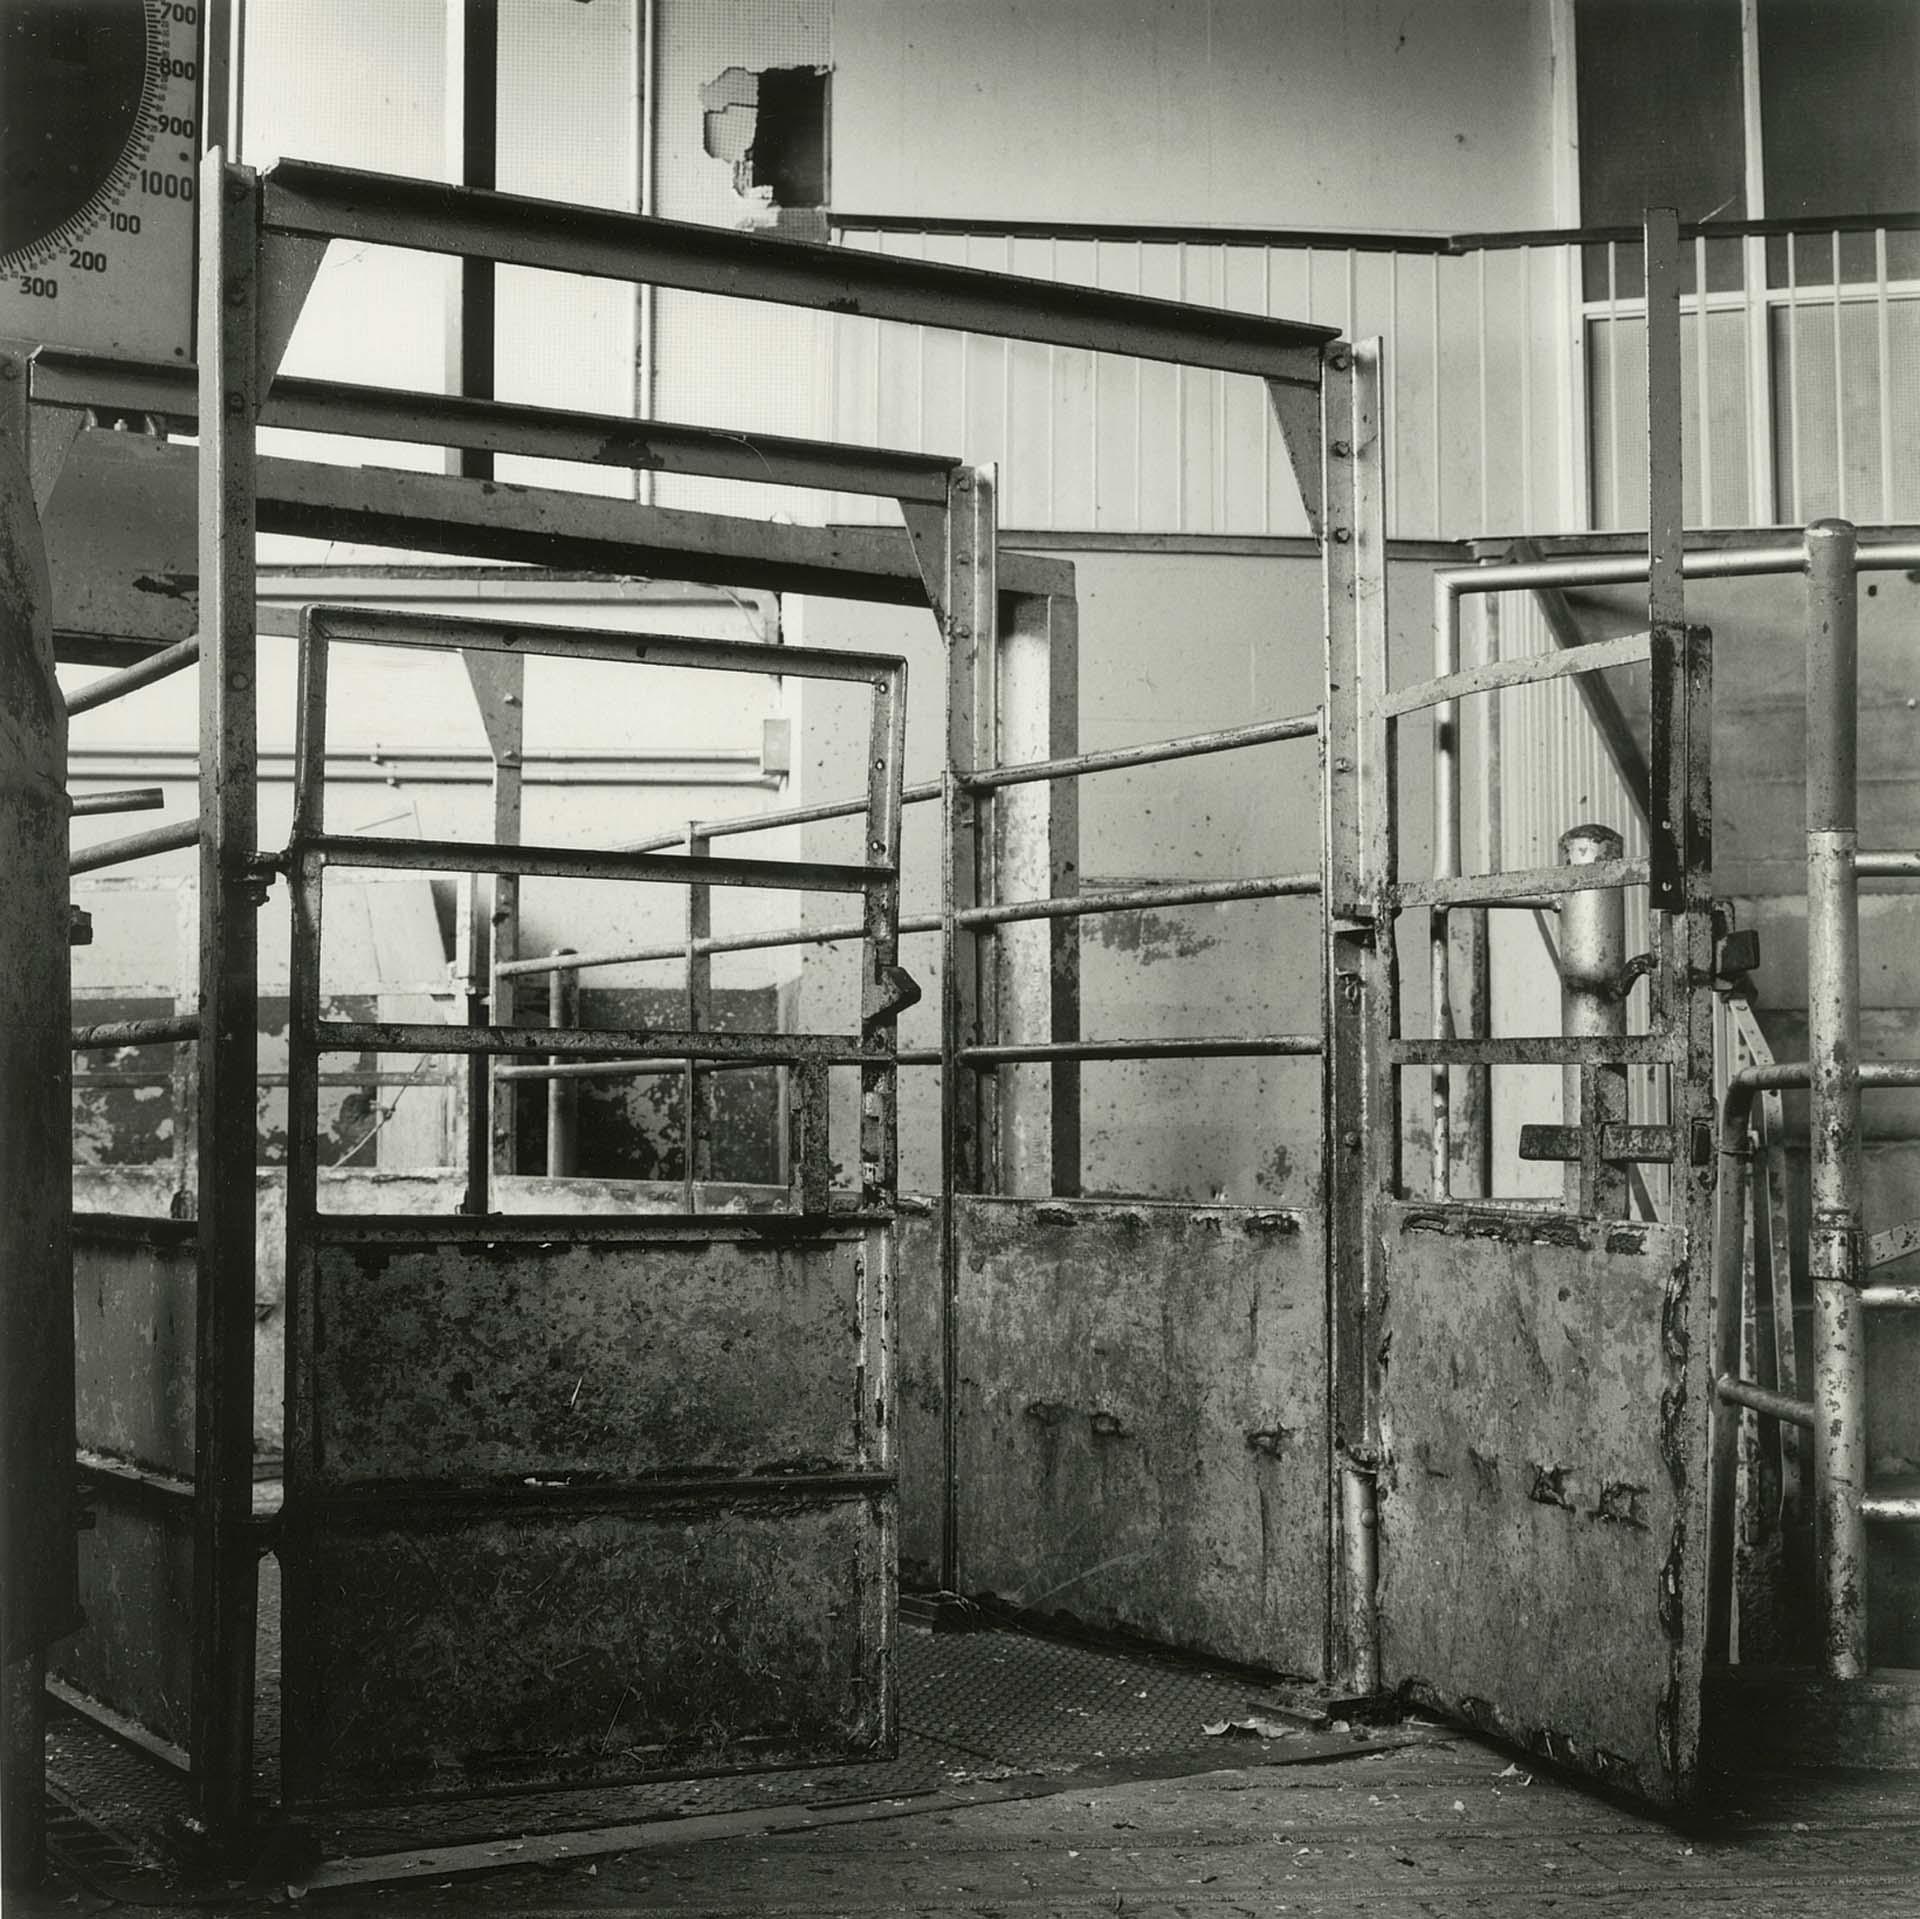 Photolanguage Gloucester Cattle Market - Web DOC294